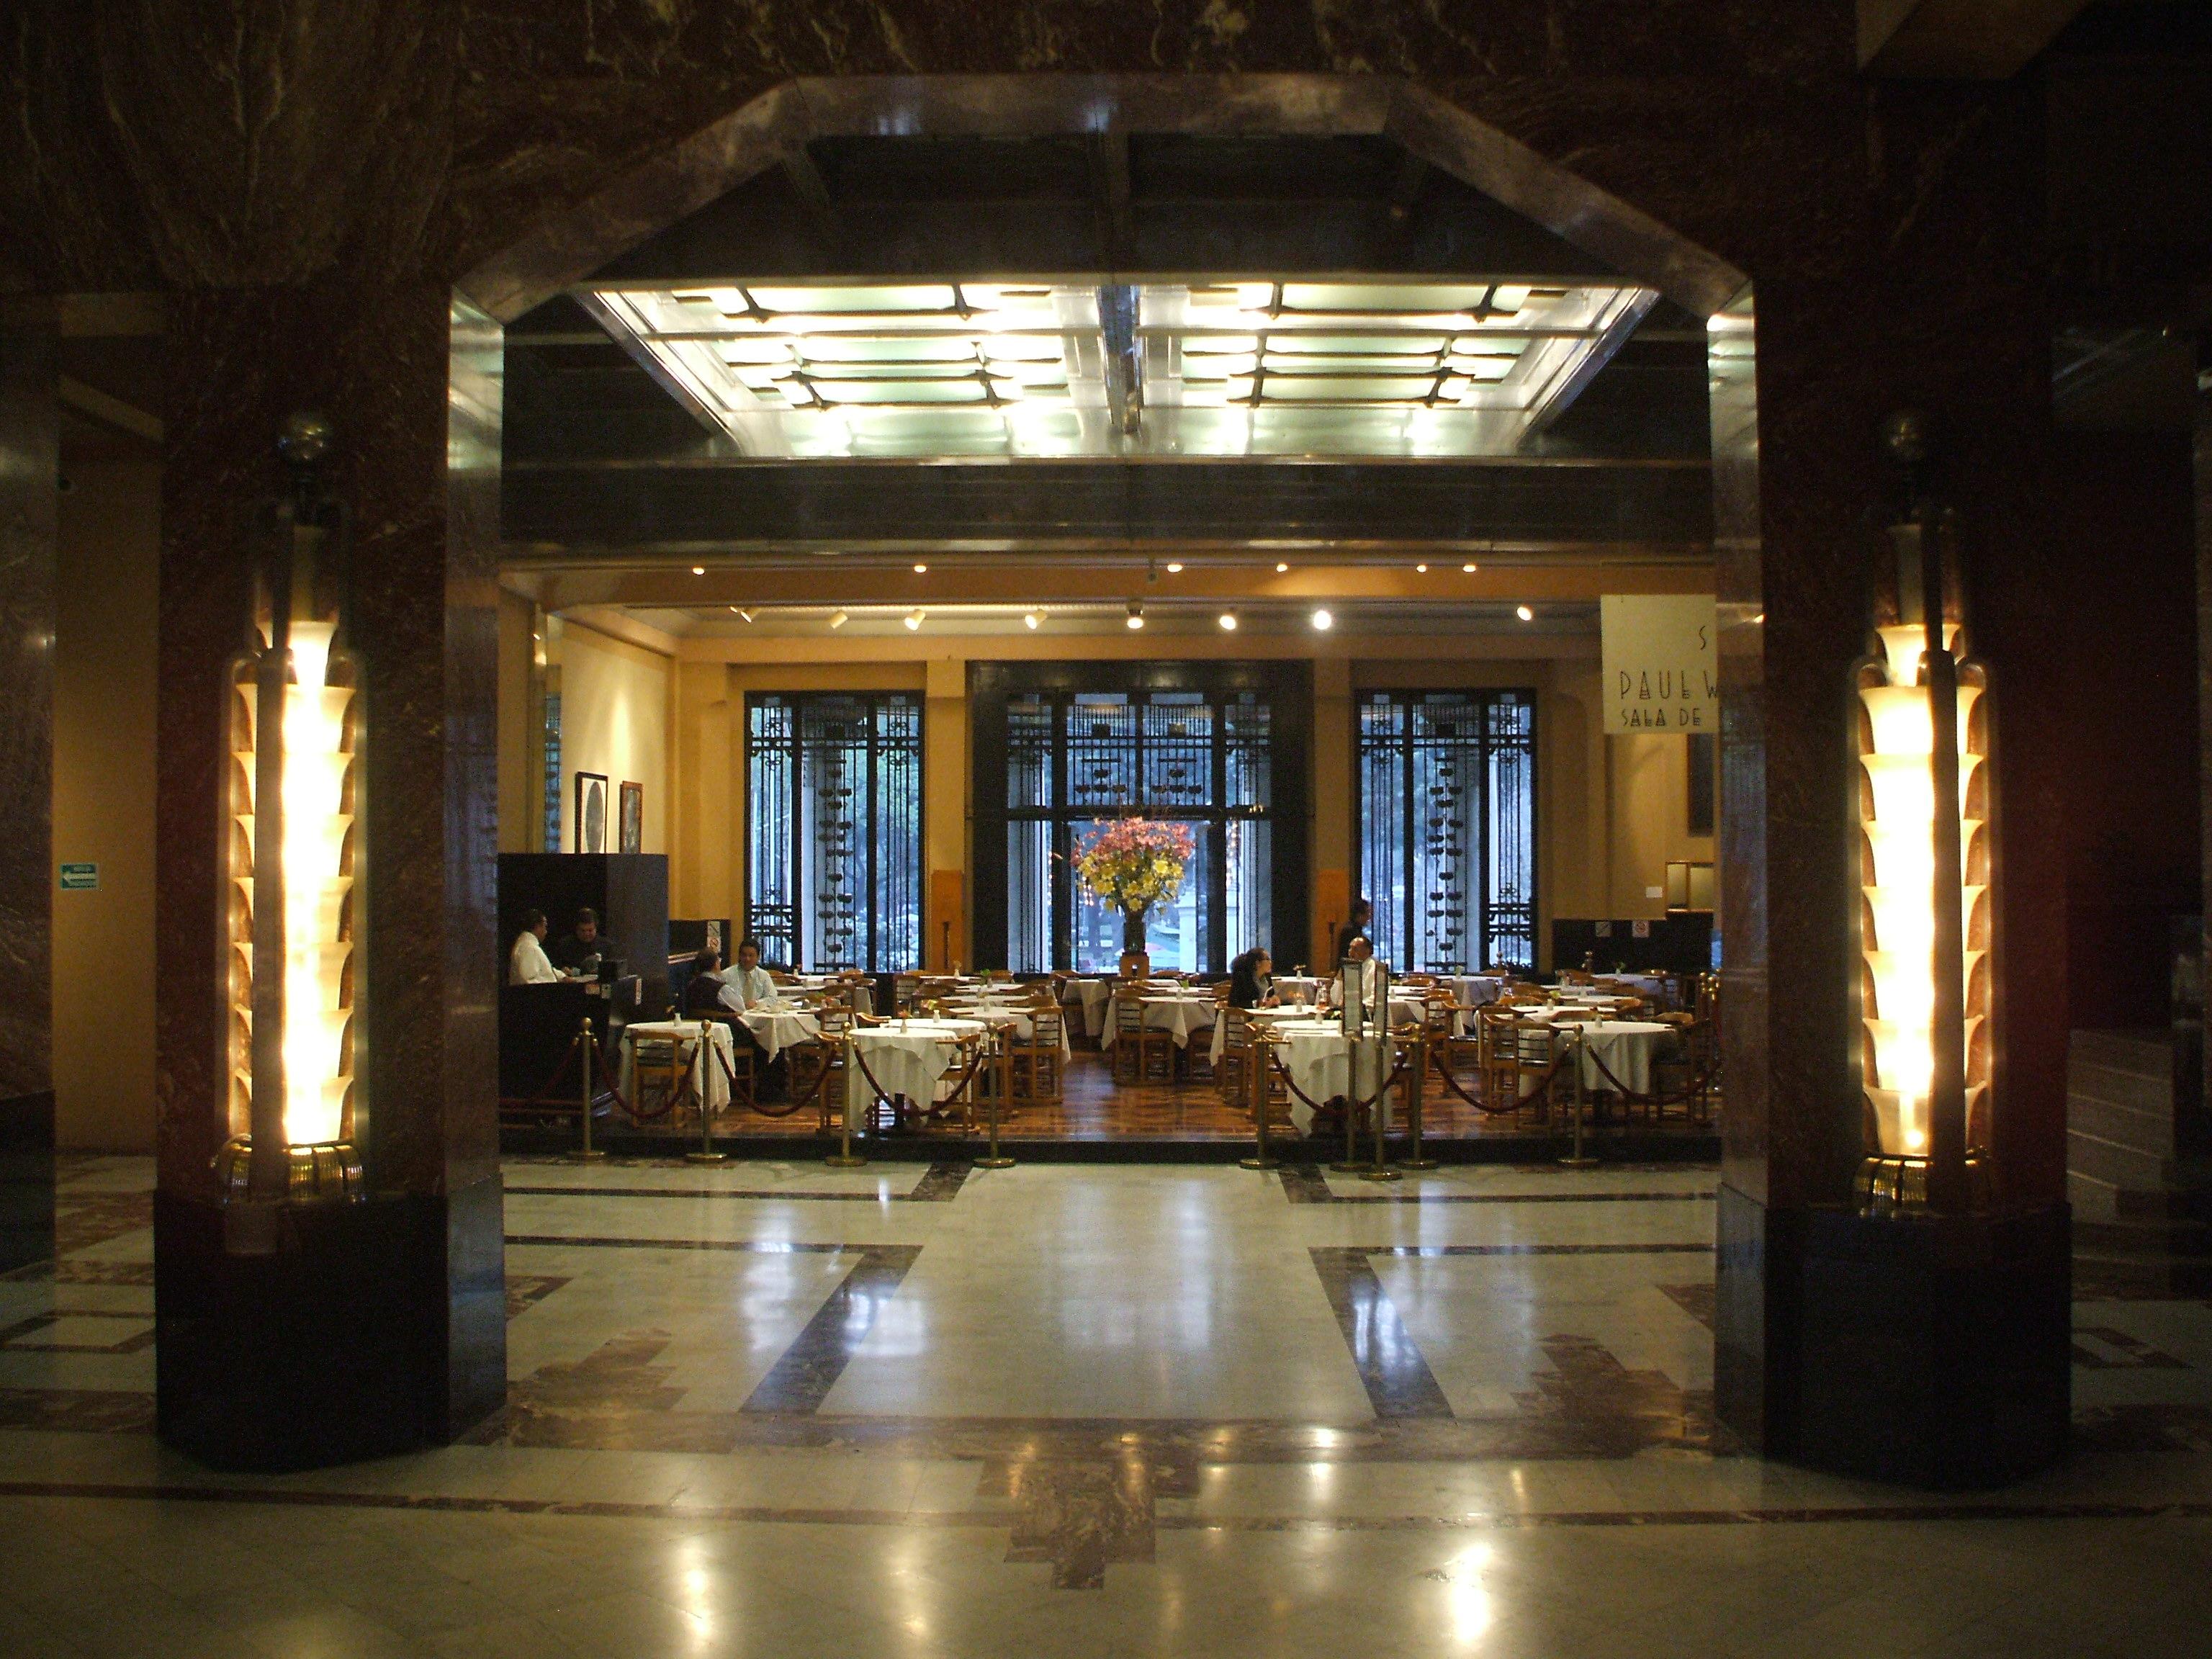 restaurante palacio bellas artes